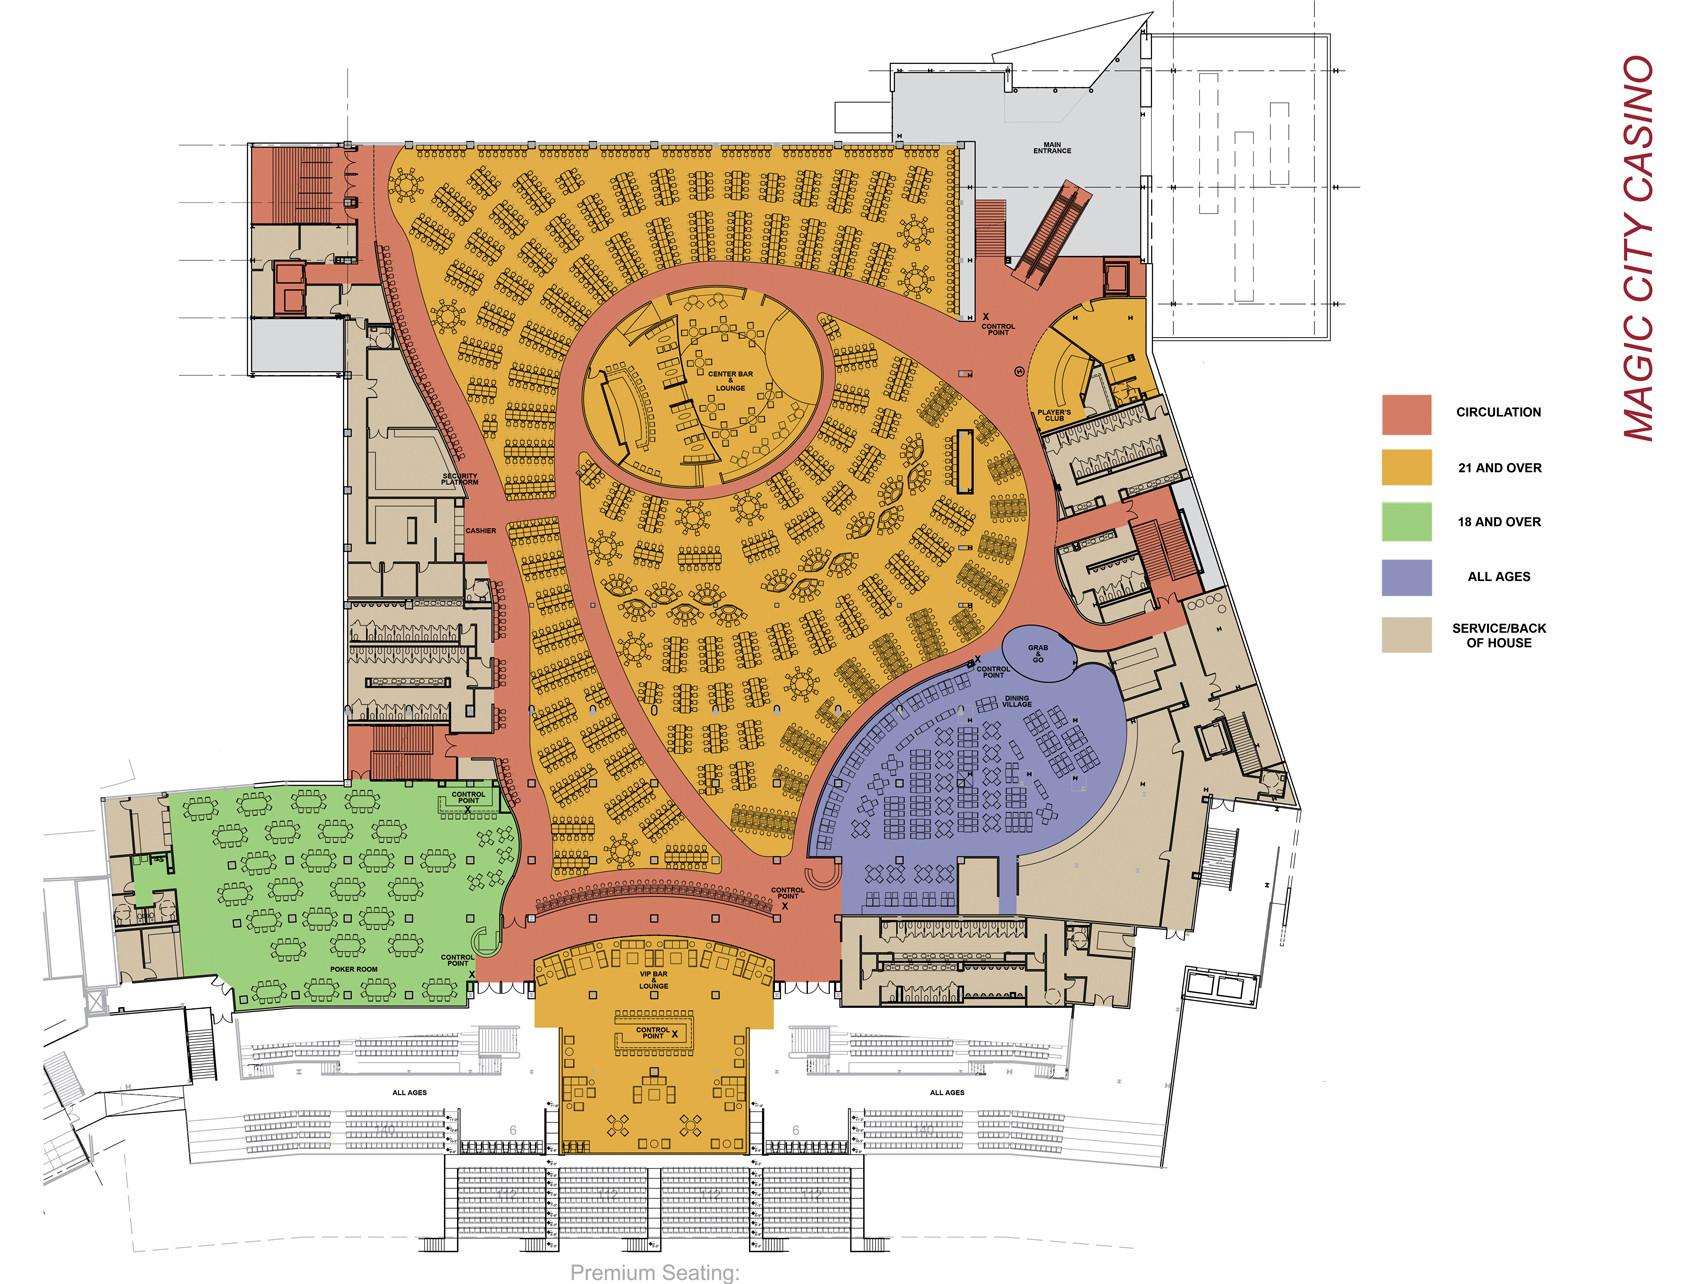 Magic City Casino - Floor Plan